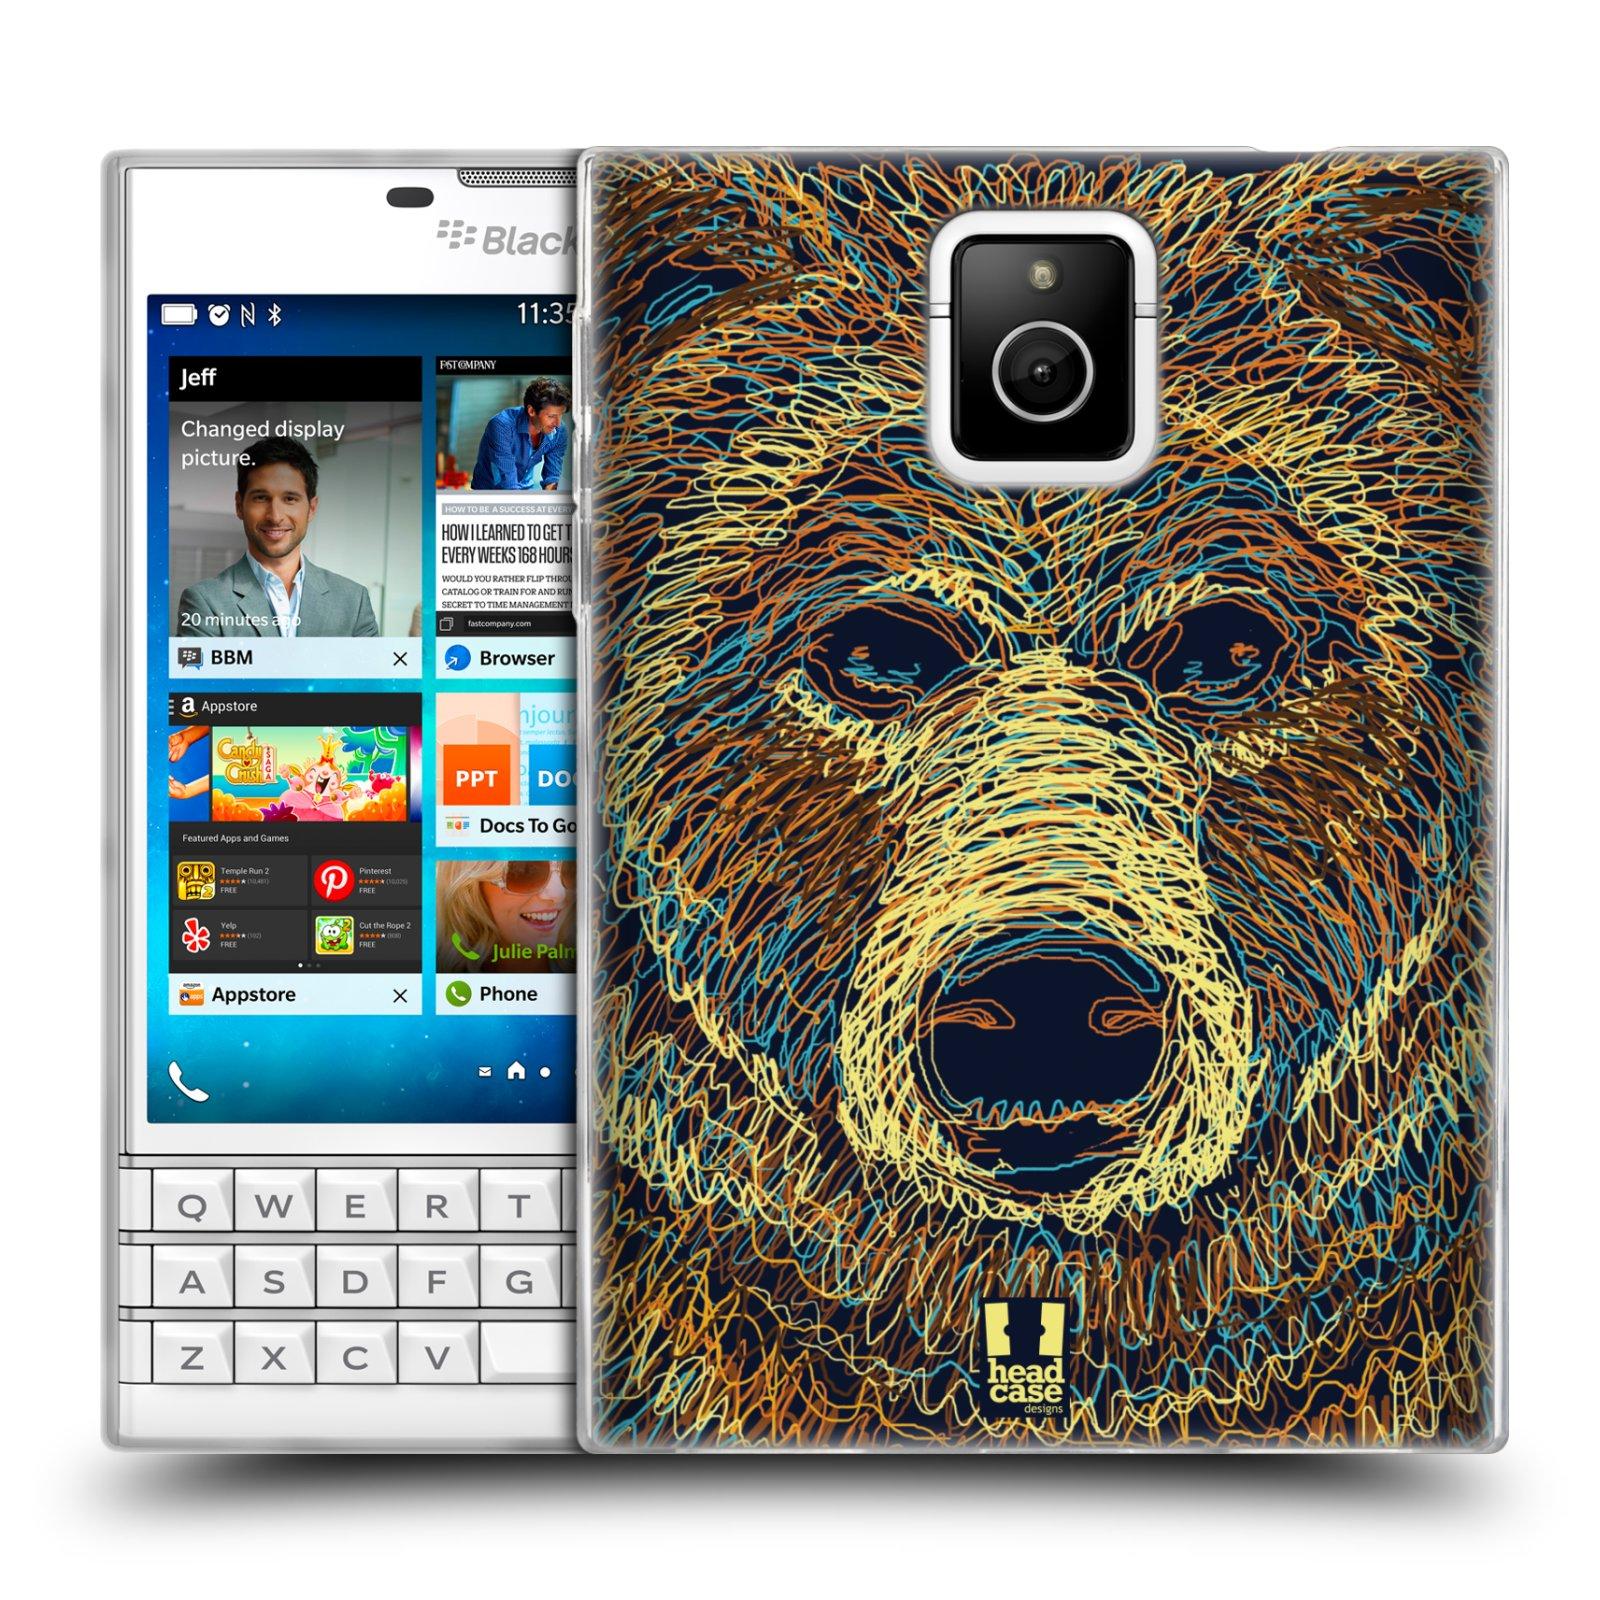 HEAD CASE silikonový obal na mobil Blackberry PASSPORT vzor zvíře čmáranice medvěd